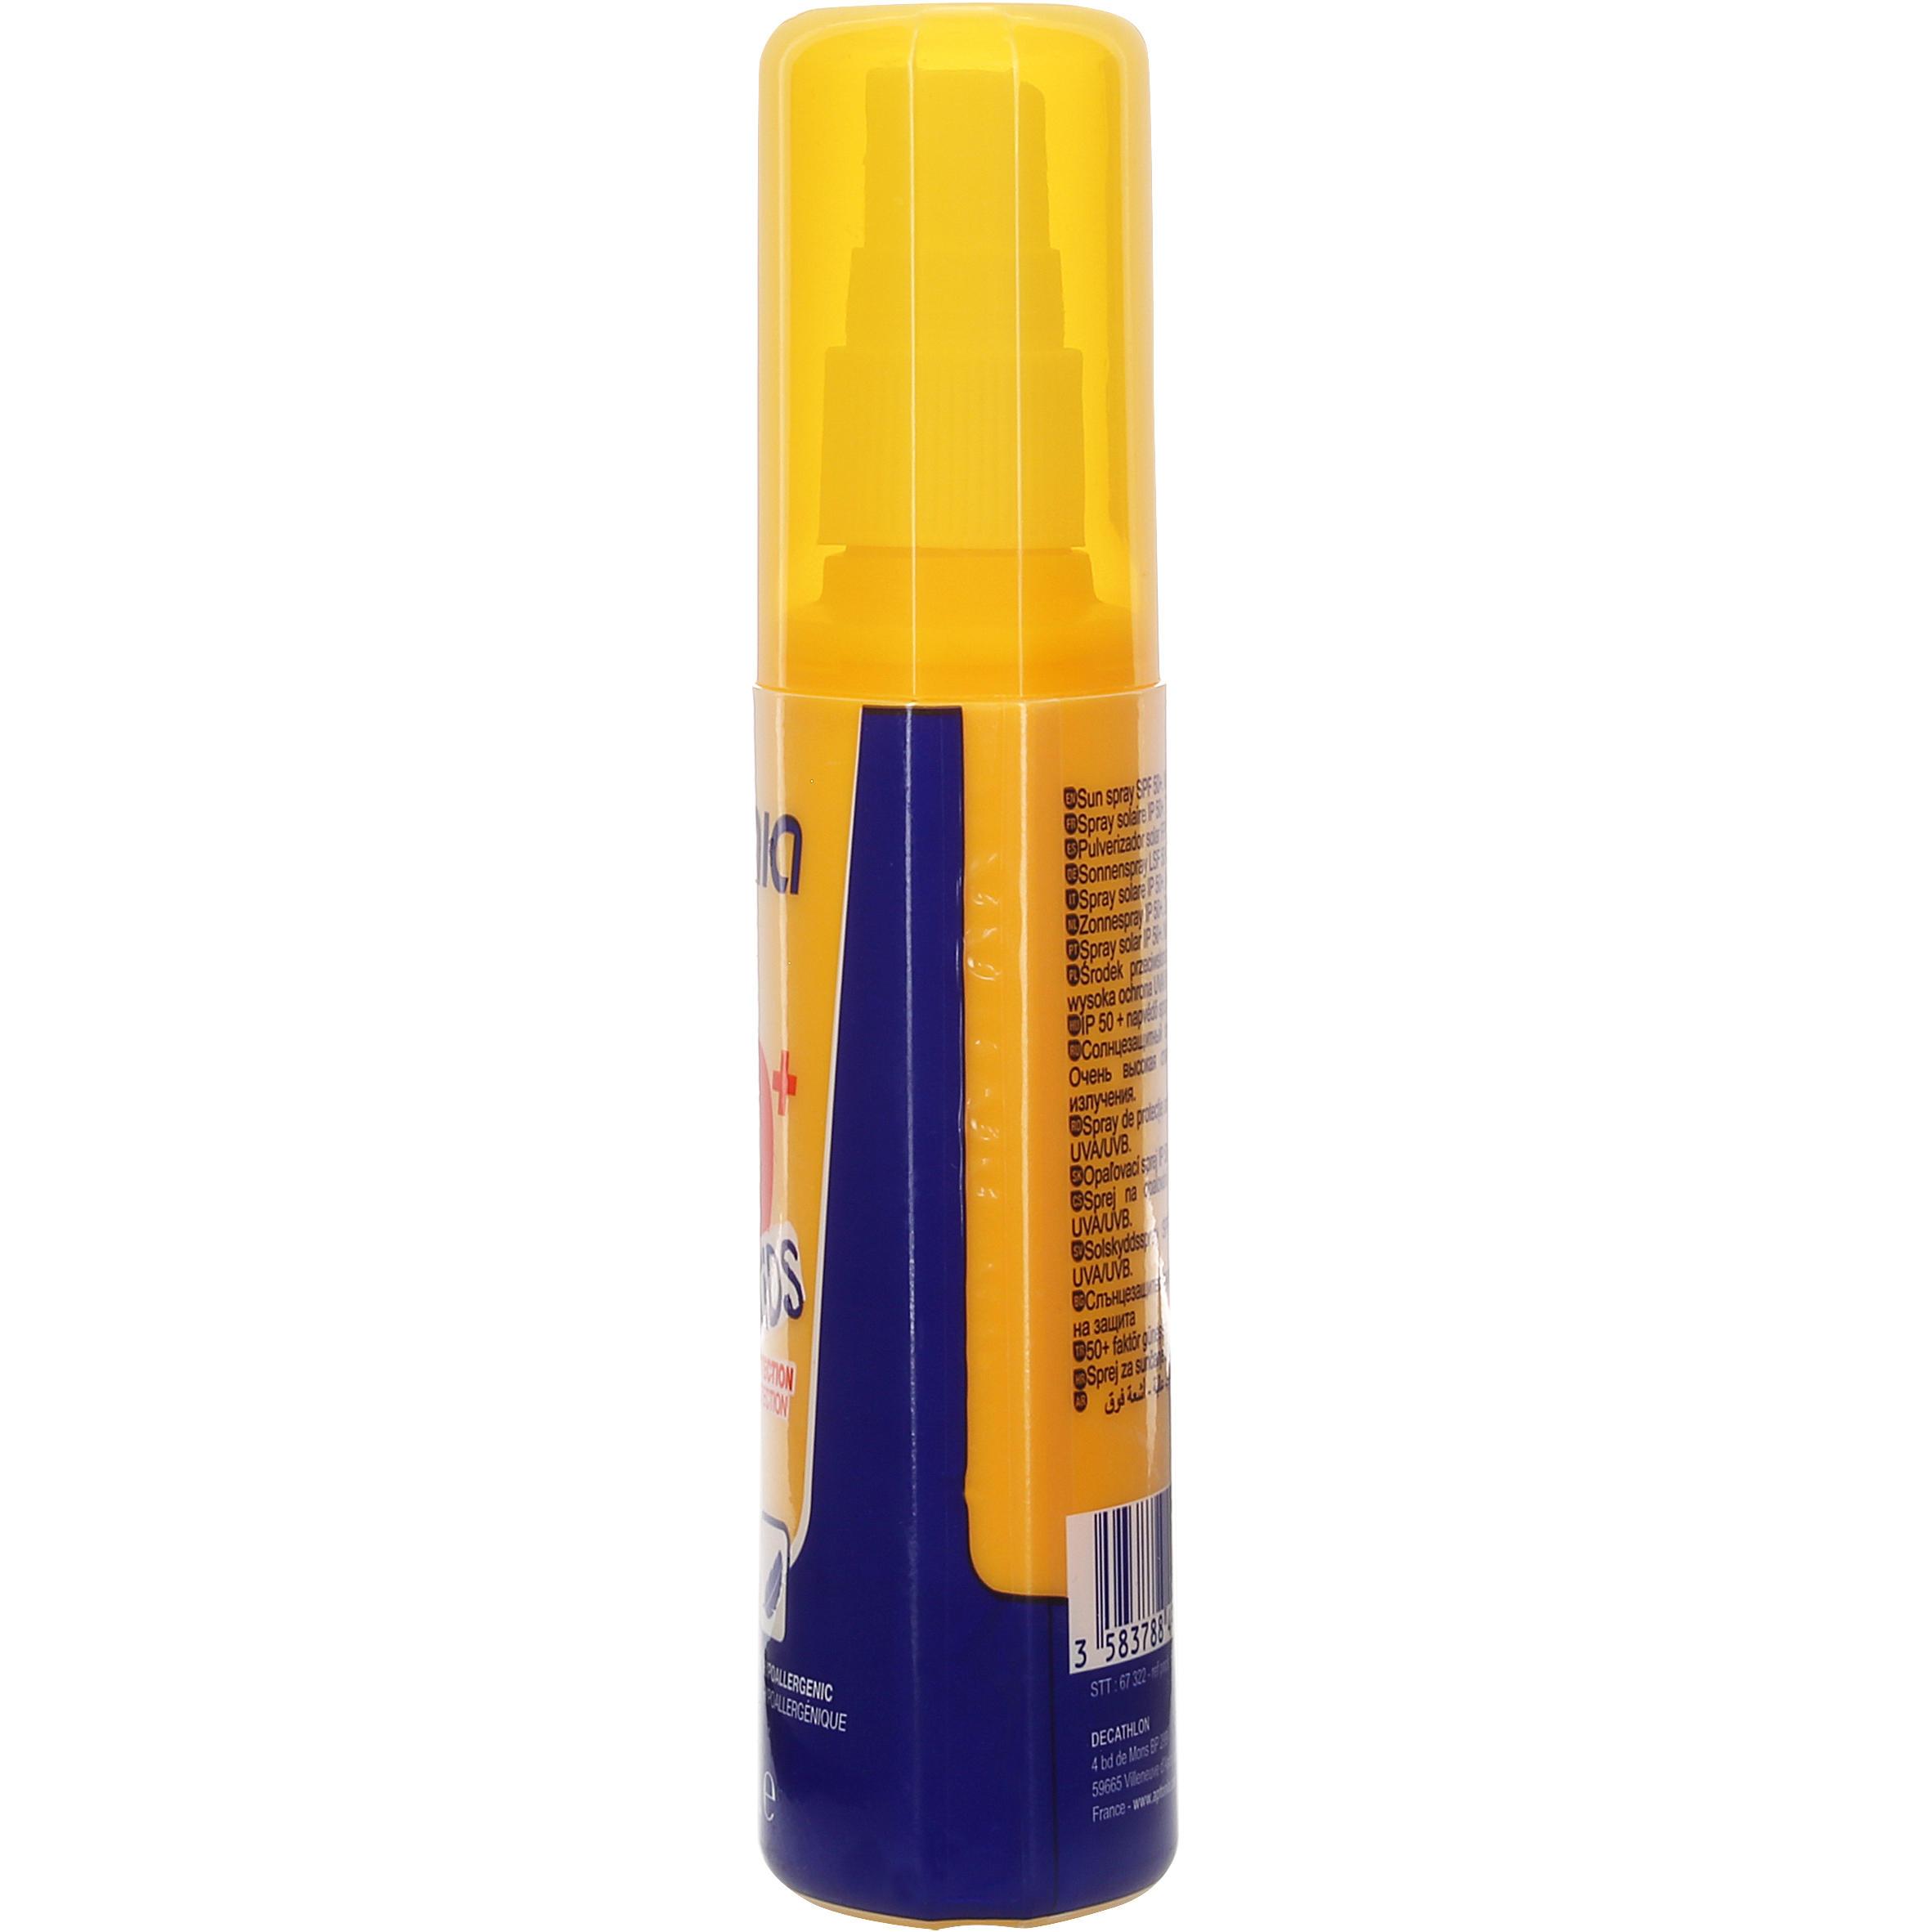 SPRAY SPF50+ Sun Protection Cream - 150 ml